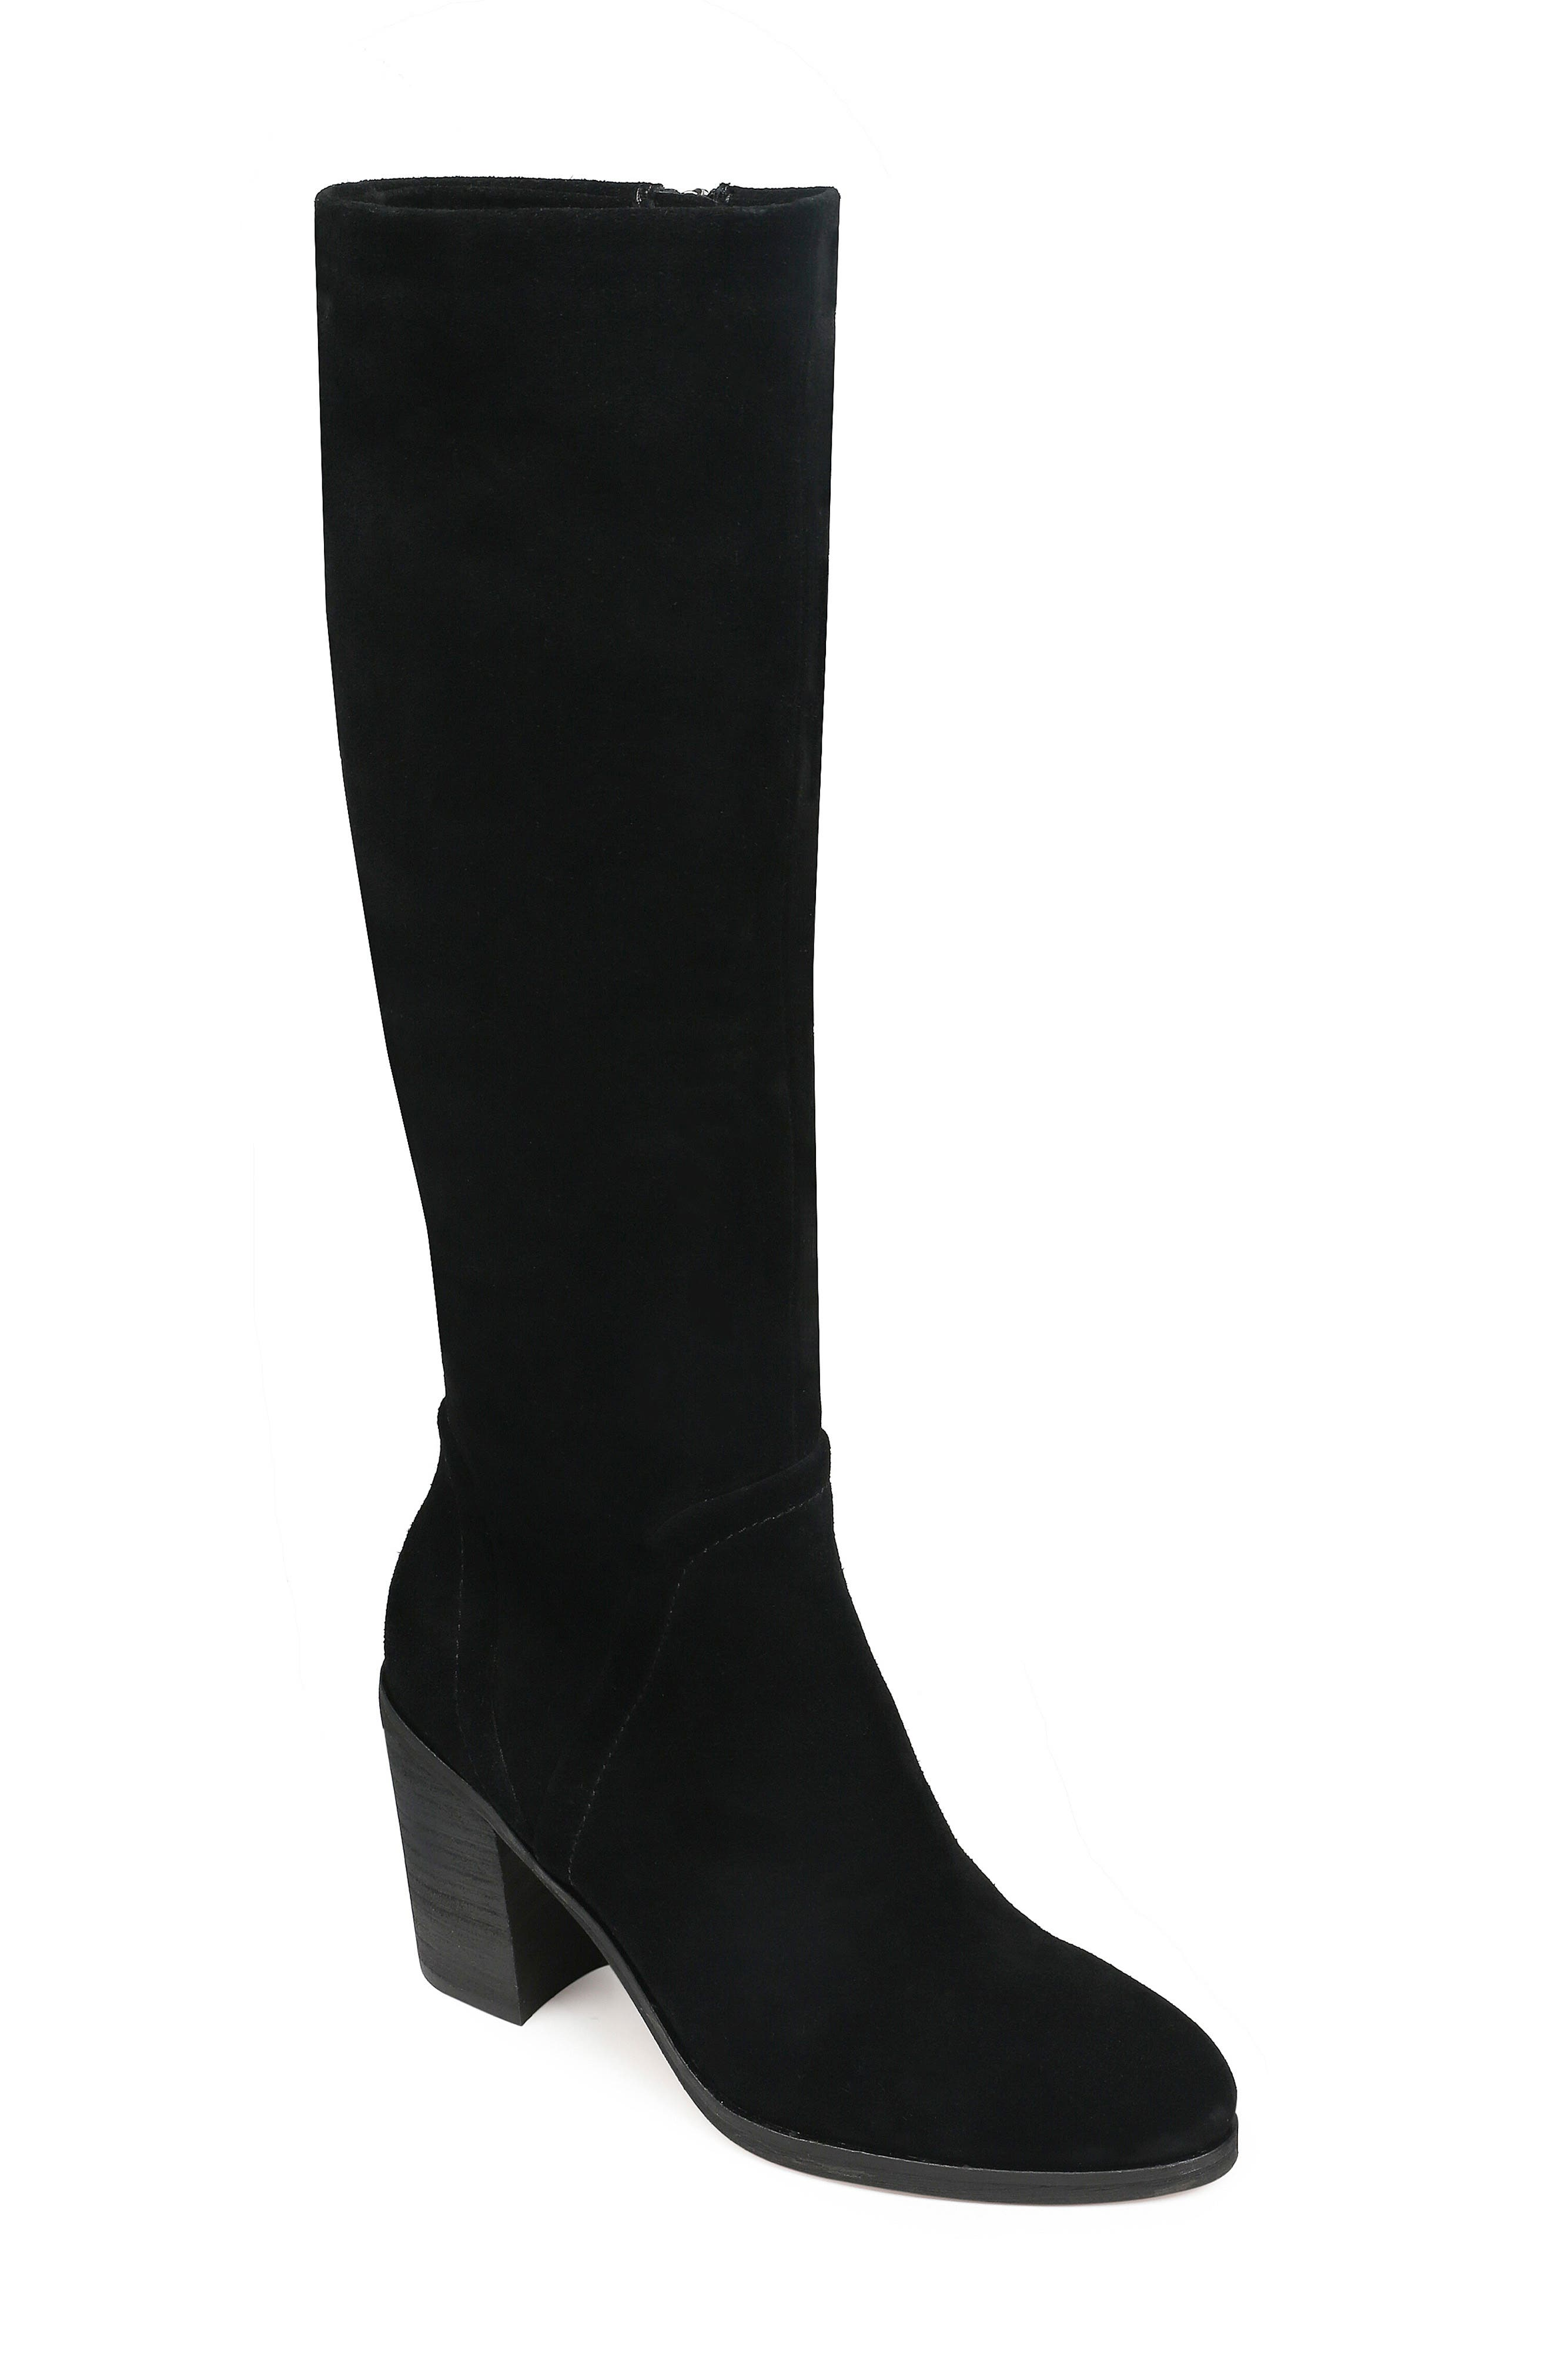 Splendid Chester Boot, Black